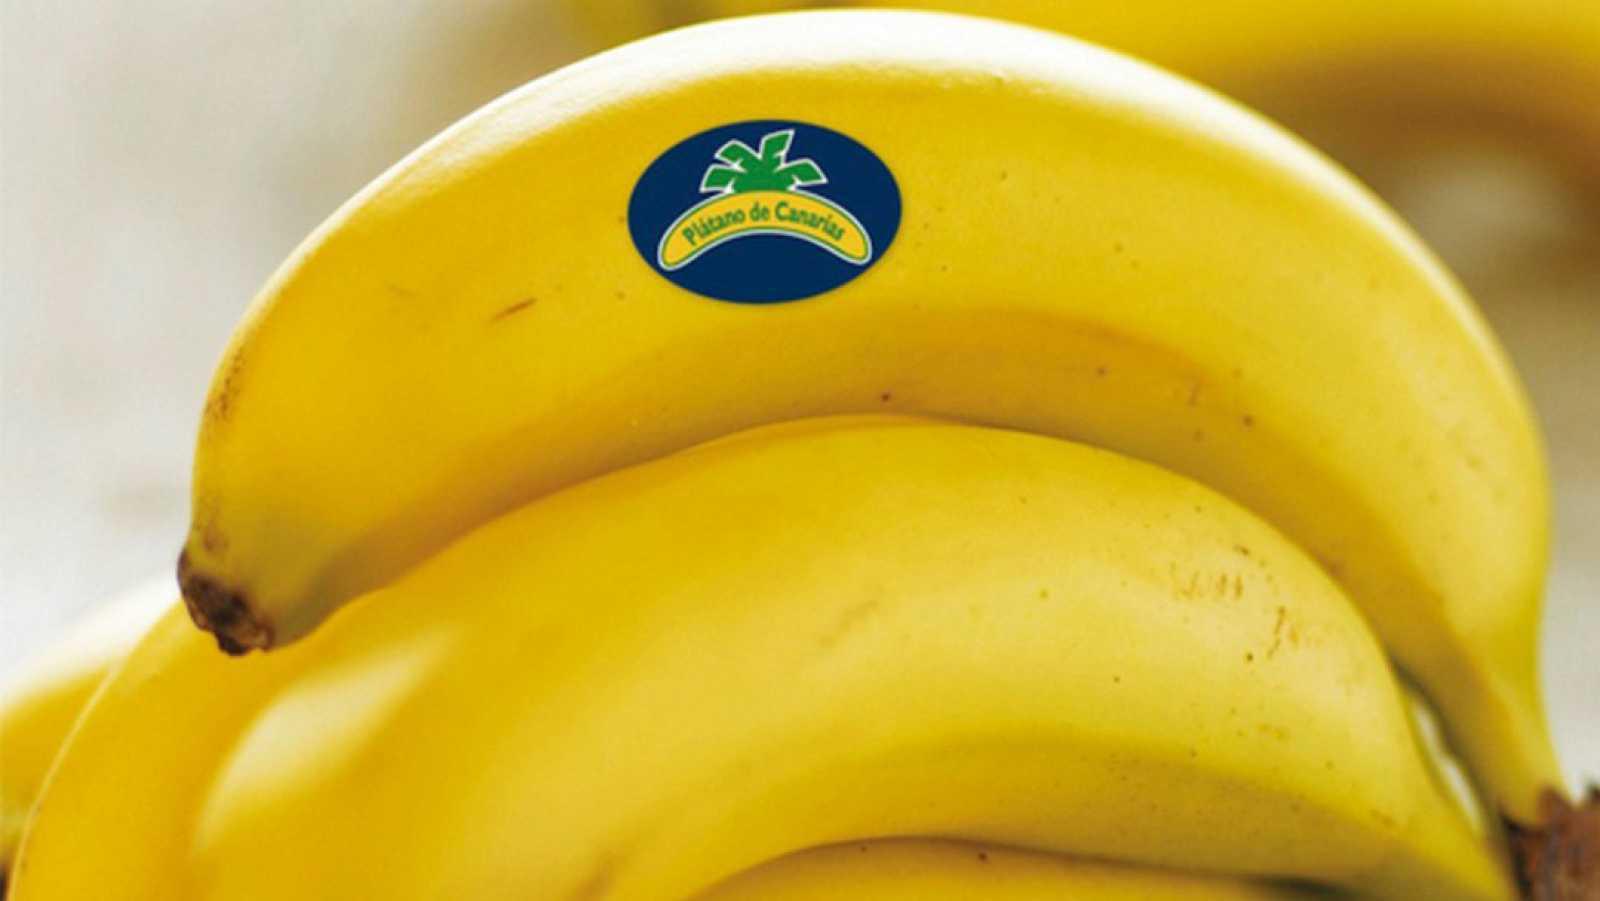 En clave Turismo - El plátano canario ante posibles recortes en ayudas europeas - 26/10/20 - escuchar ahora